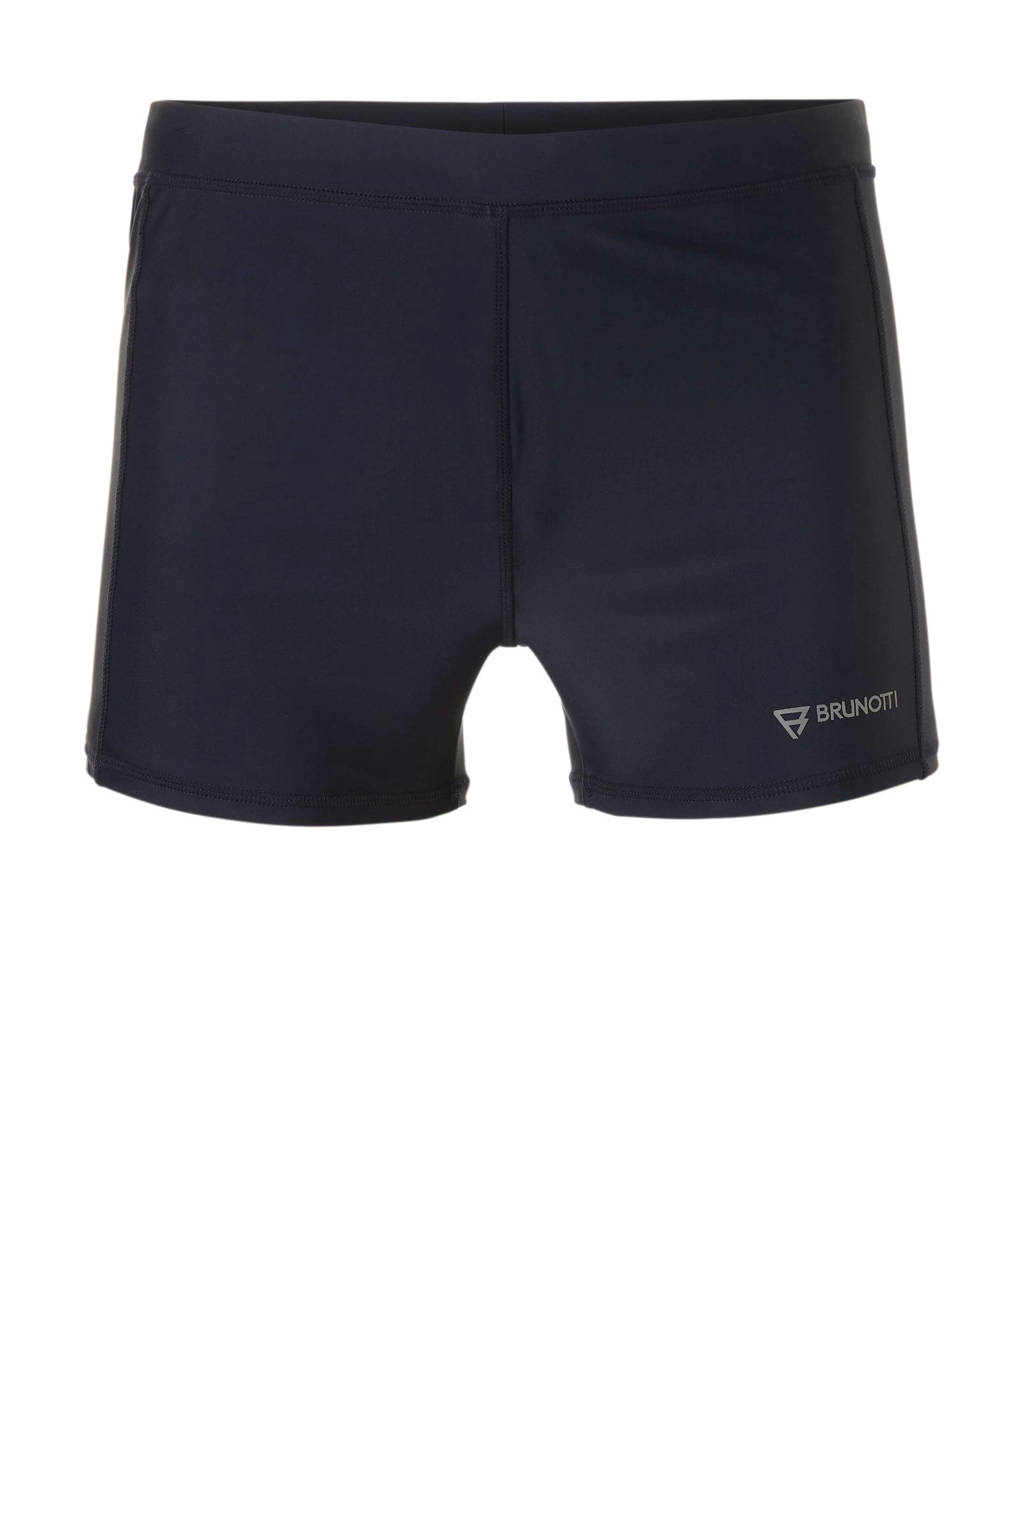 Brunotti zwemboxer uni marine, Blauw